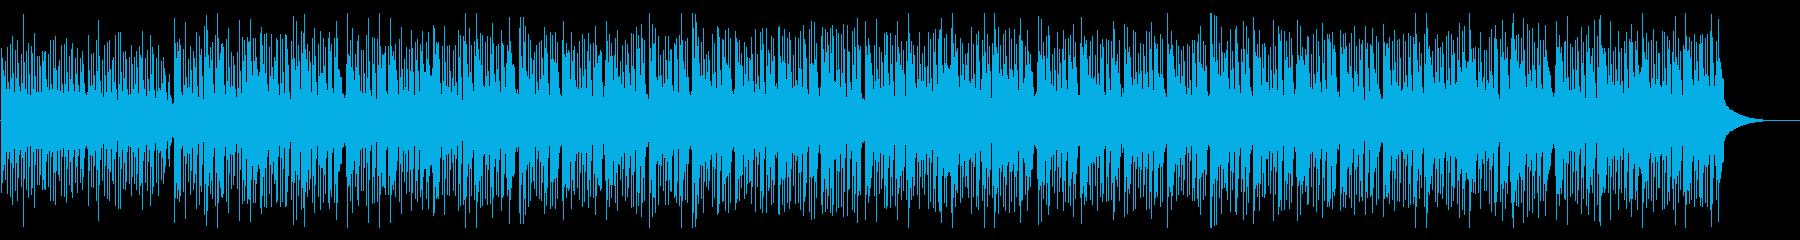 三線を使った、落ち着いたチル系の沖縄曲の再生済みの波形